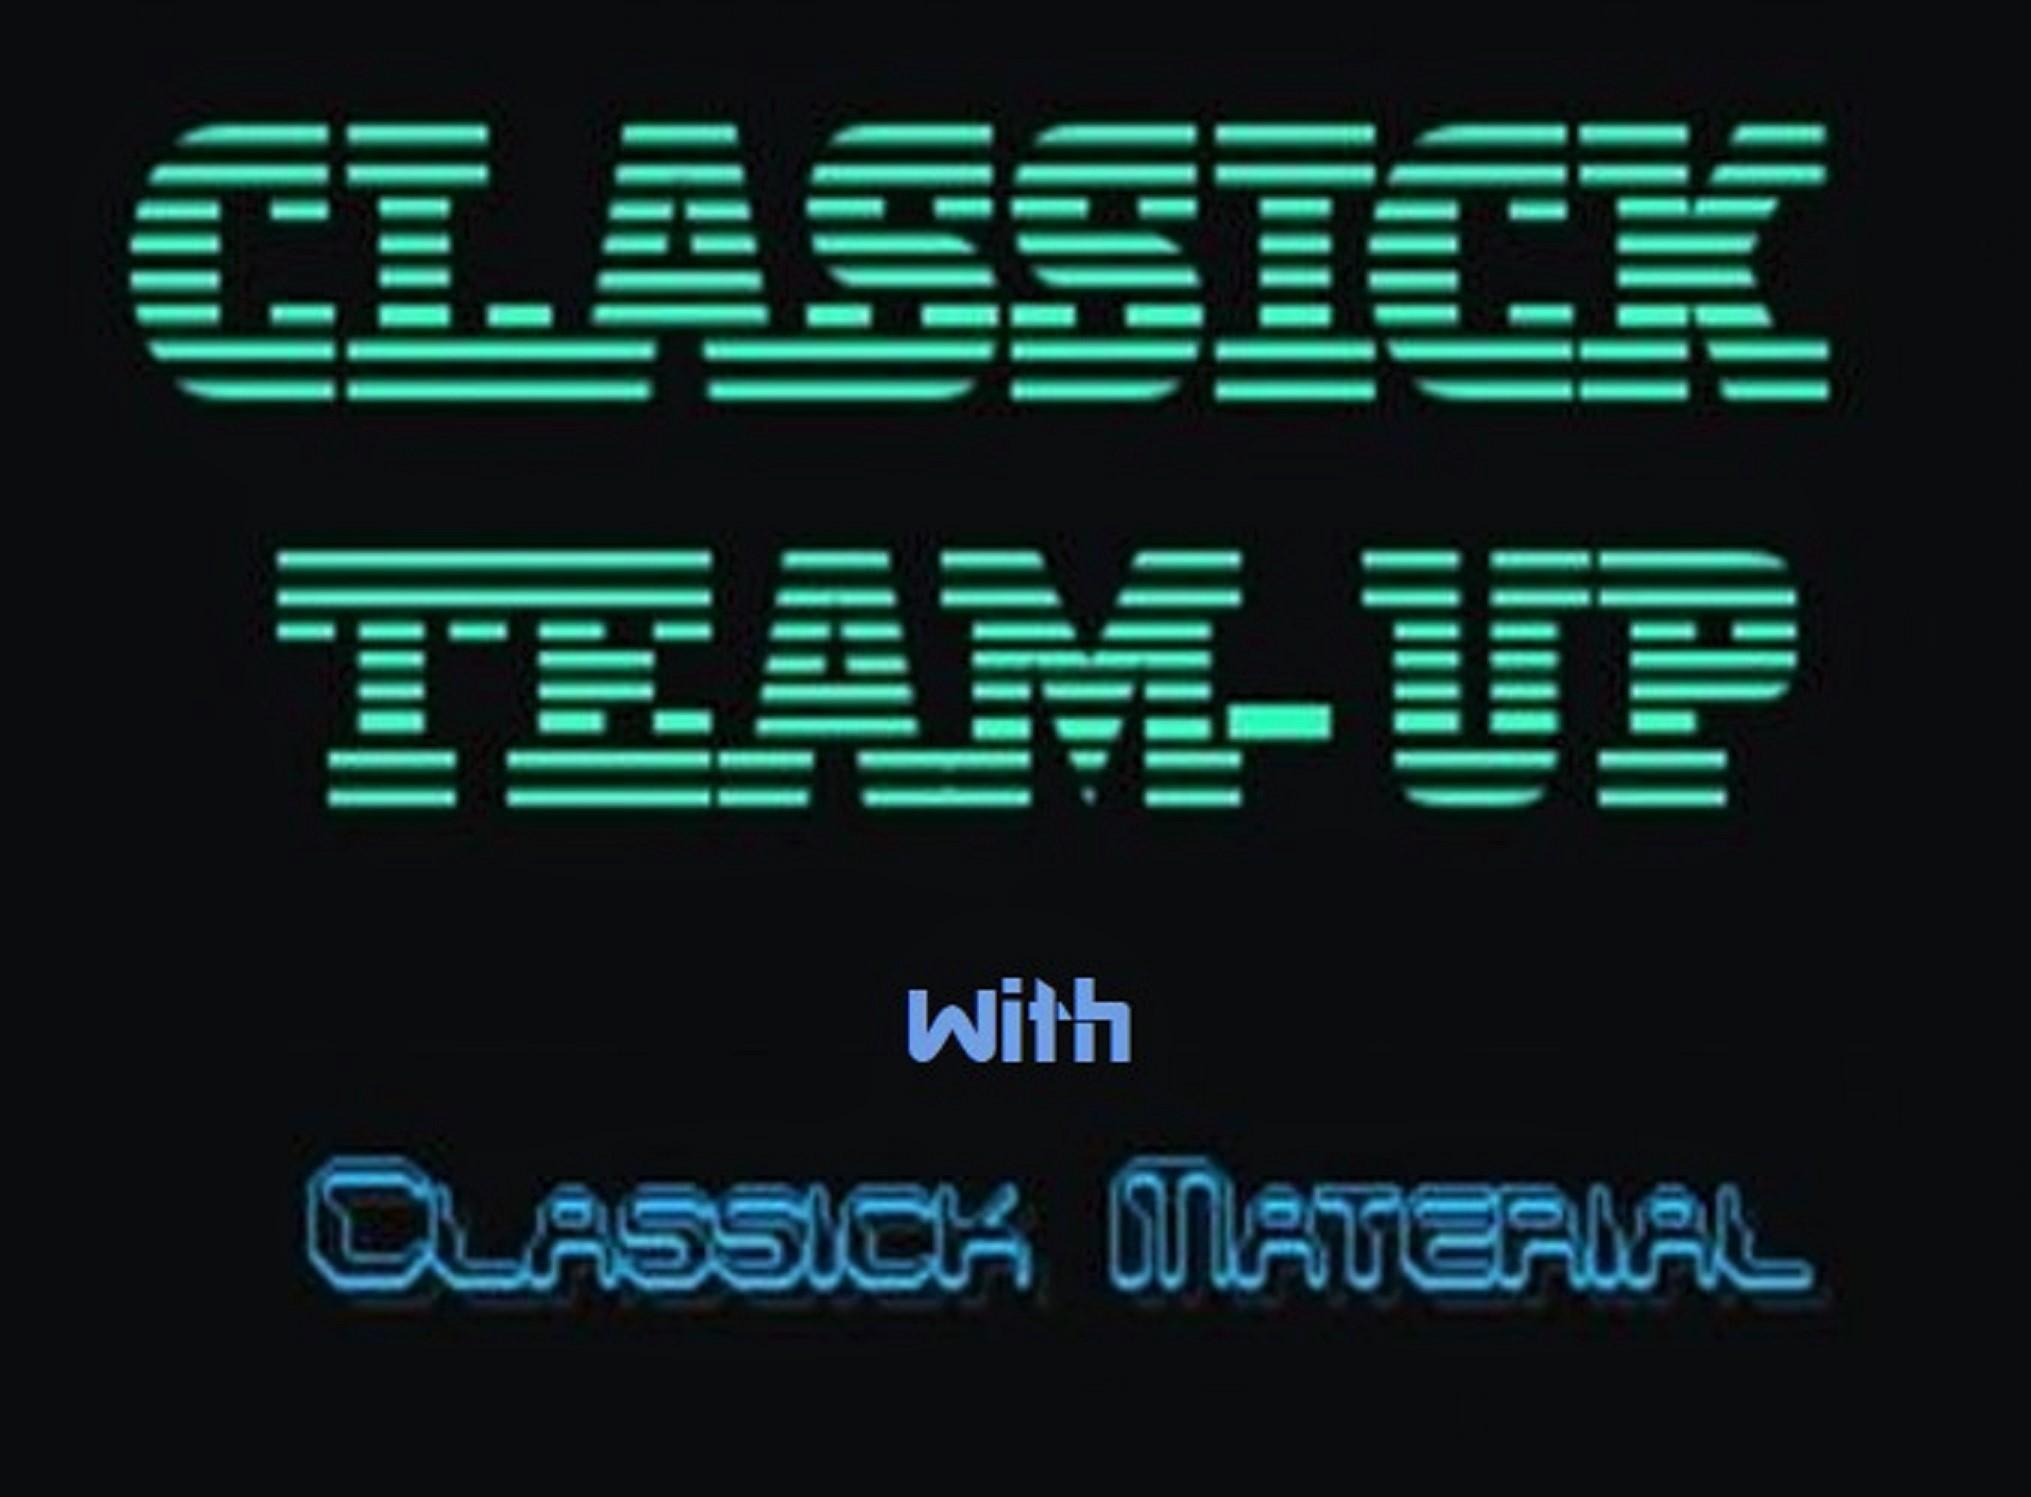 Classick Team-Up!